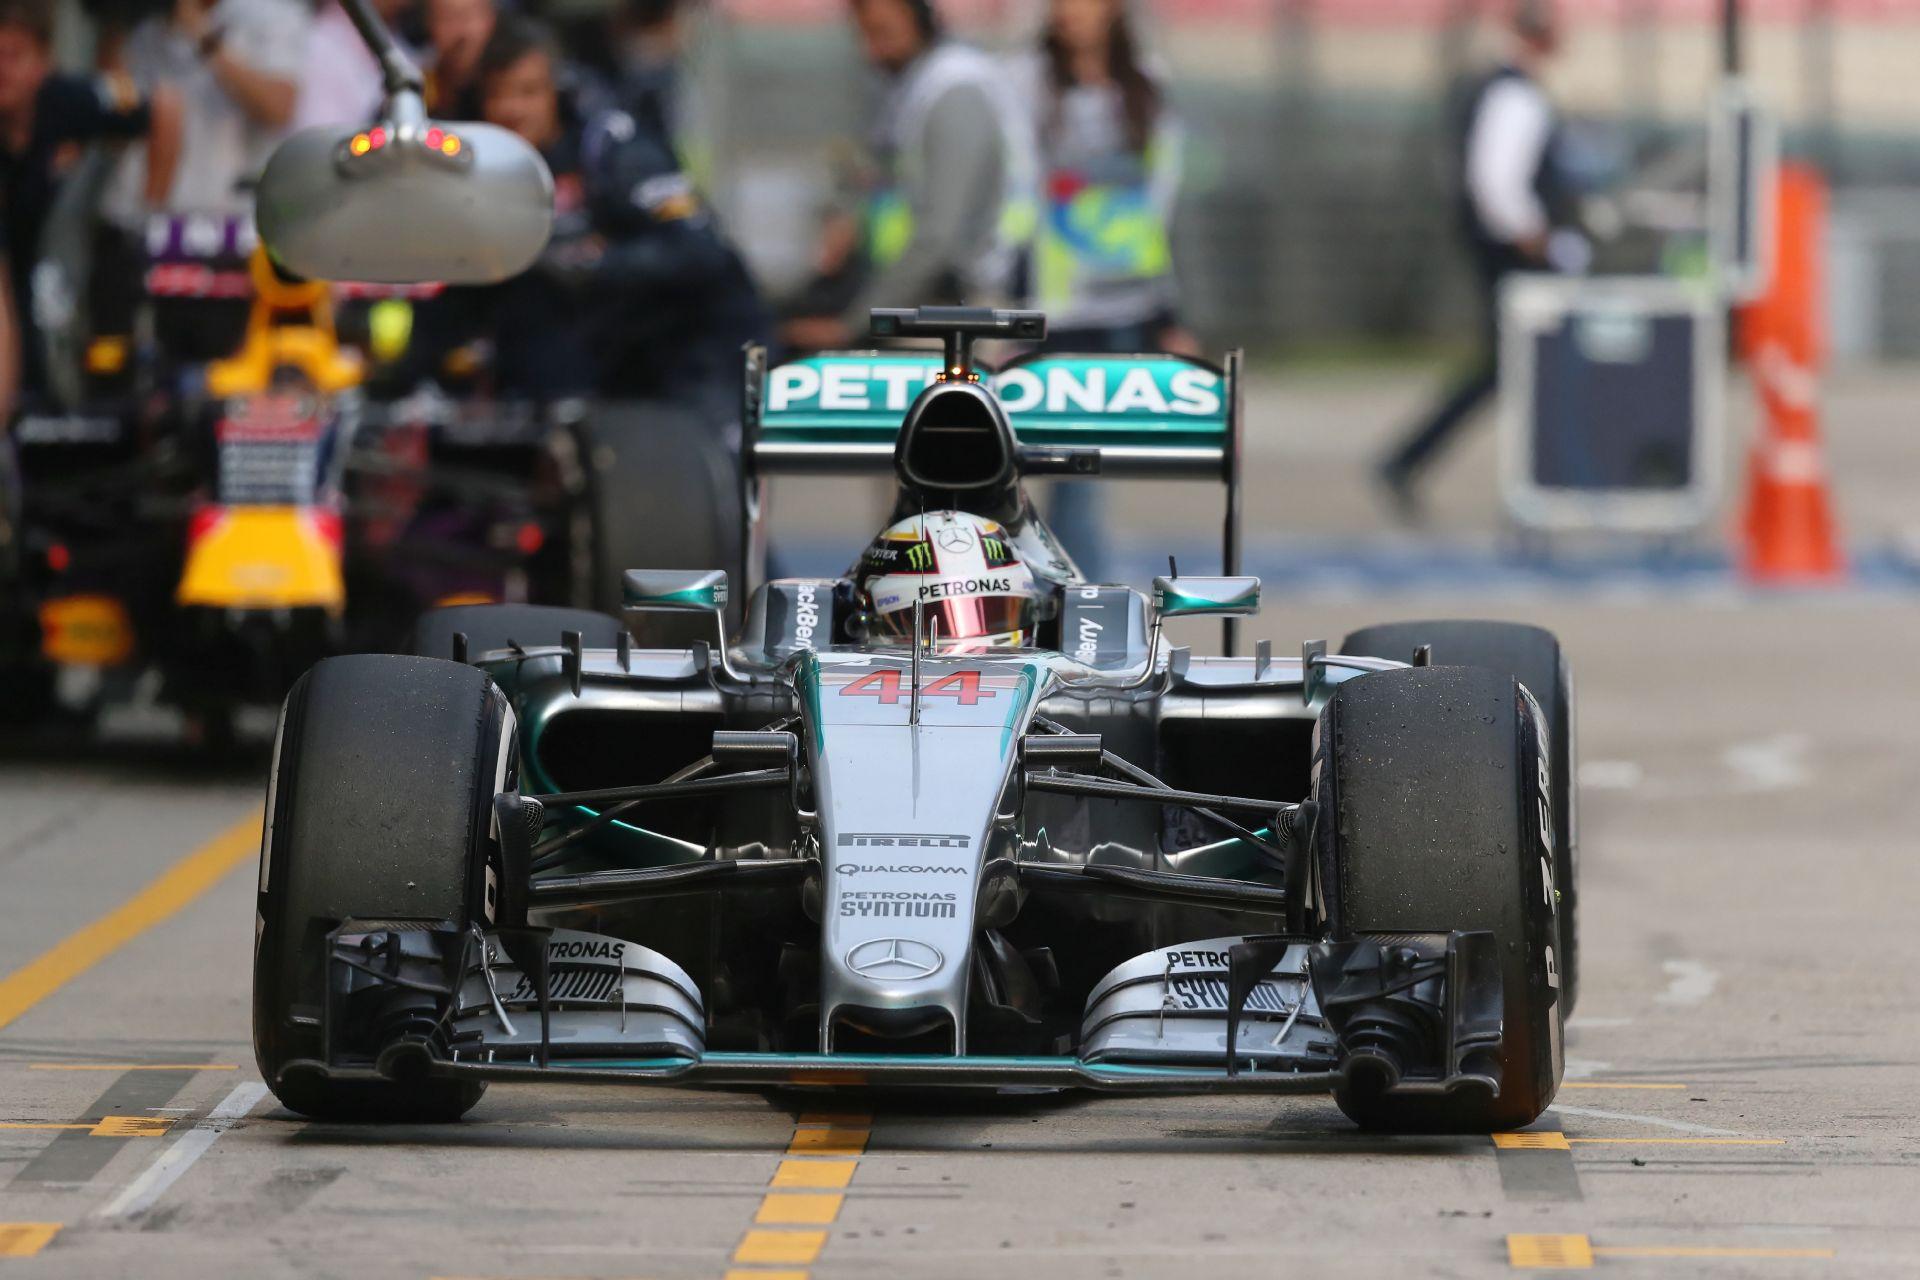 Mercedes: Malajziában már minden hibát elkövettünk, így ezek már nem jönnek elő többet